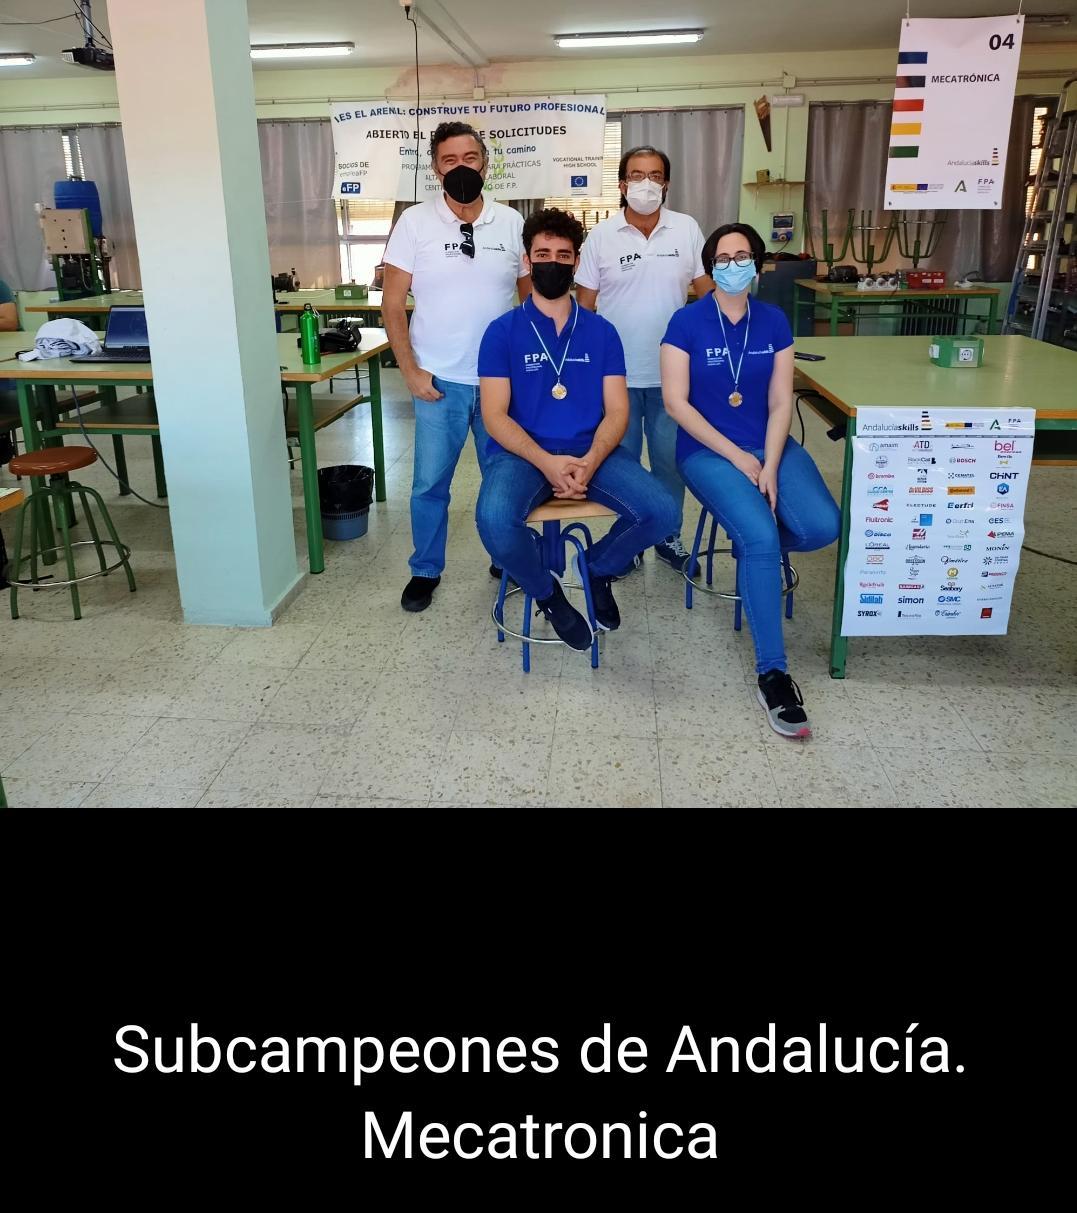 Subcampeones en Mecatrónica. Andalucía Skills.